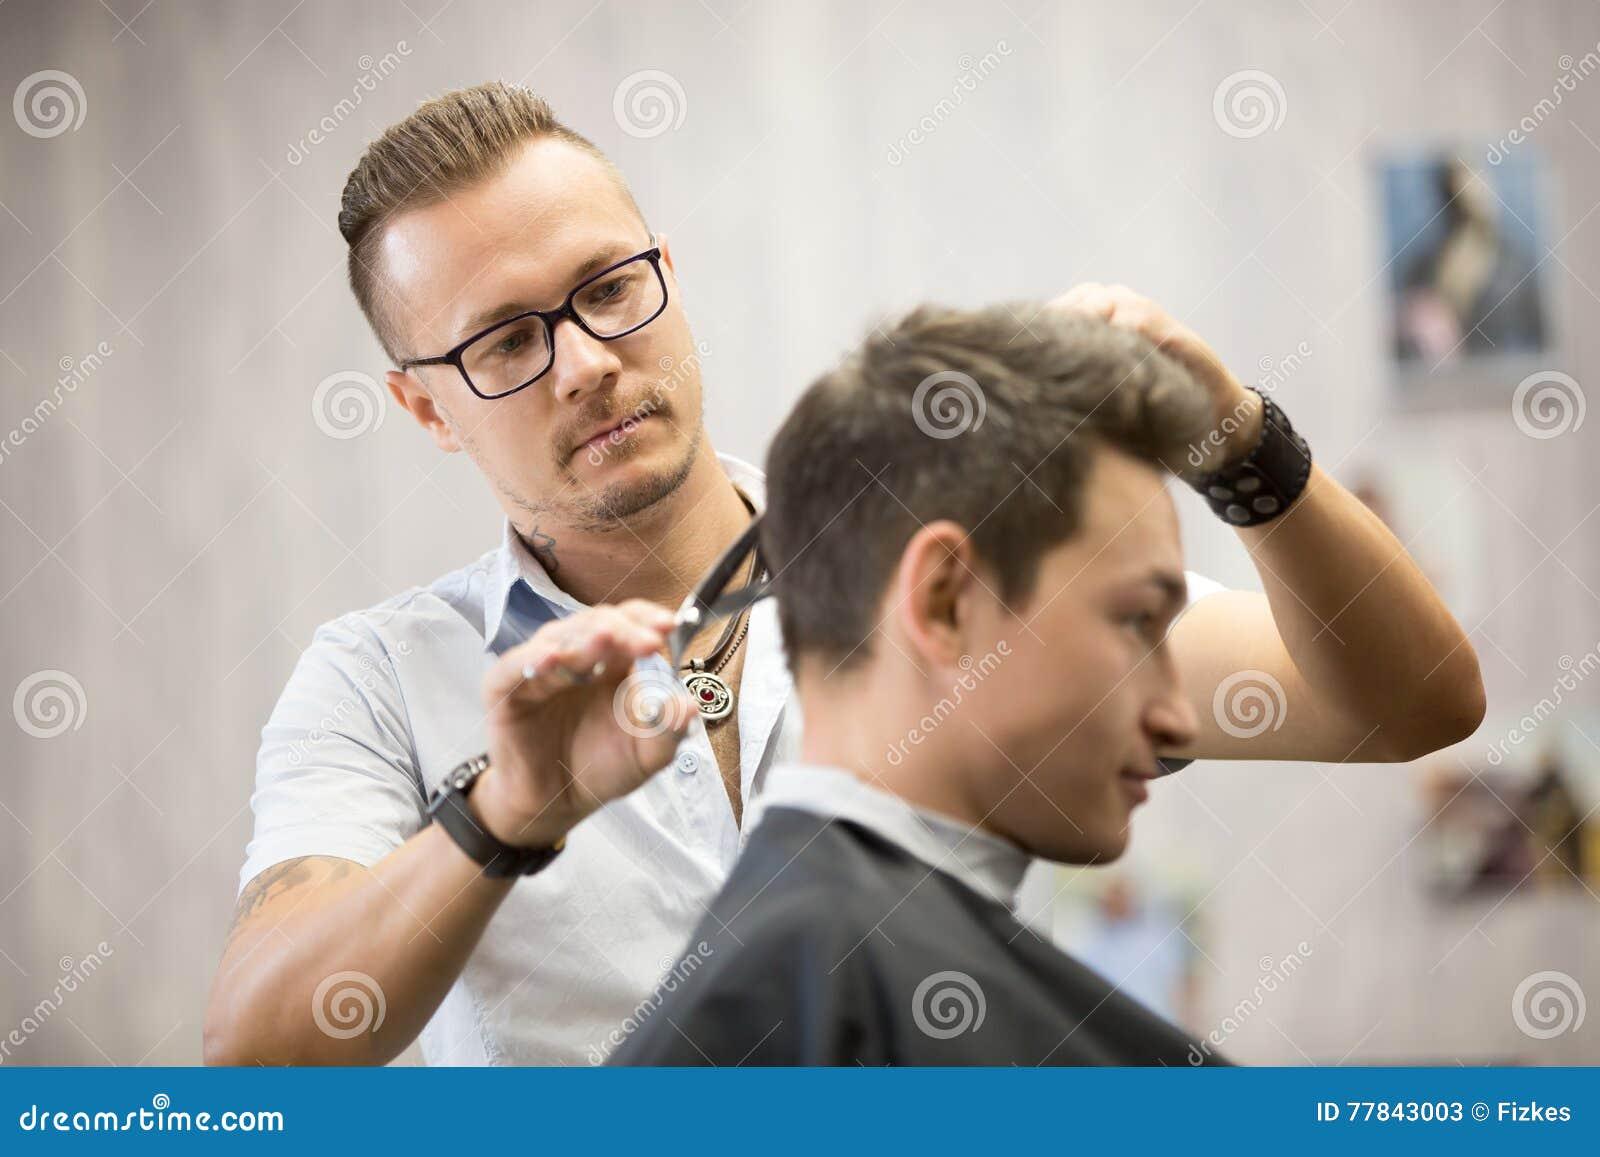 Parrucchiere maschio che fa taglio di capelli